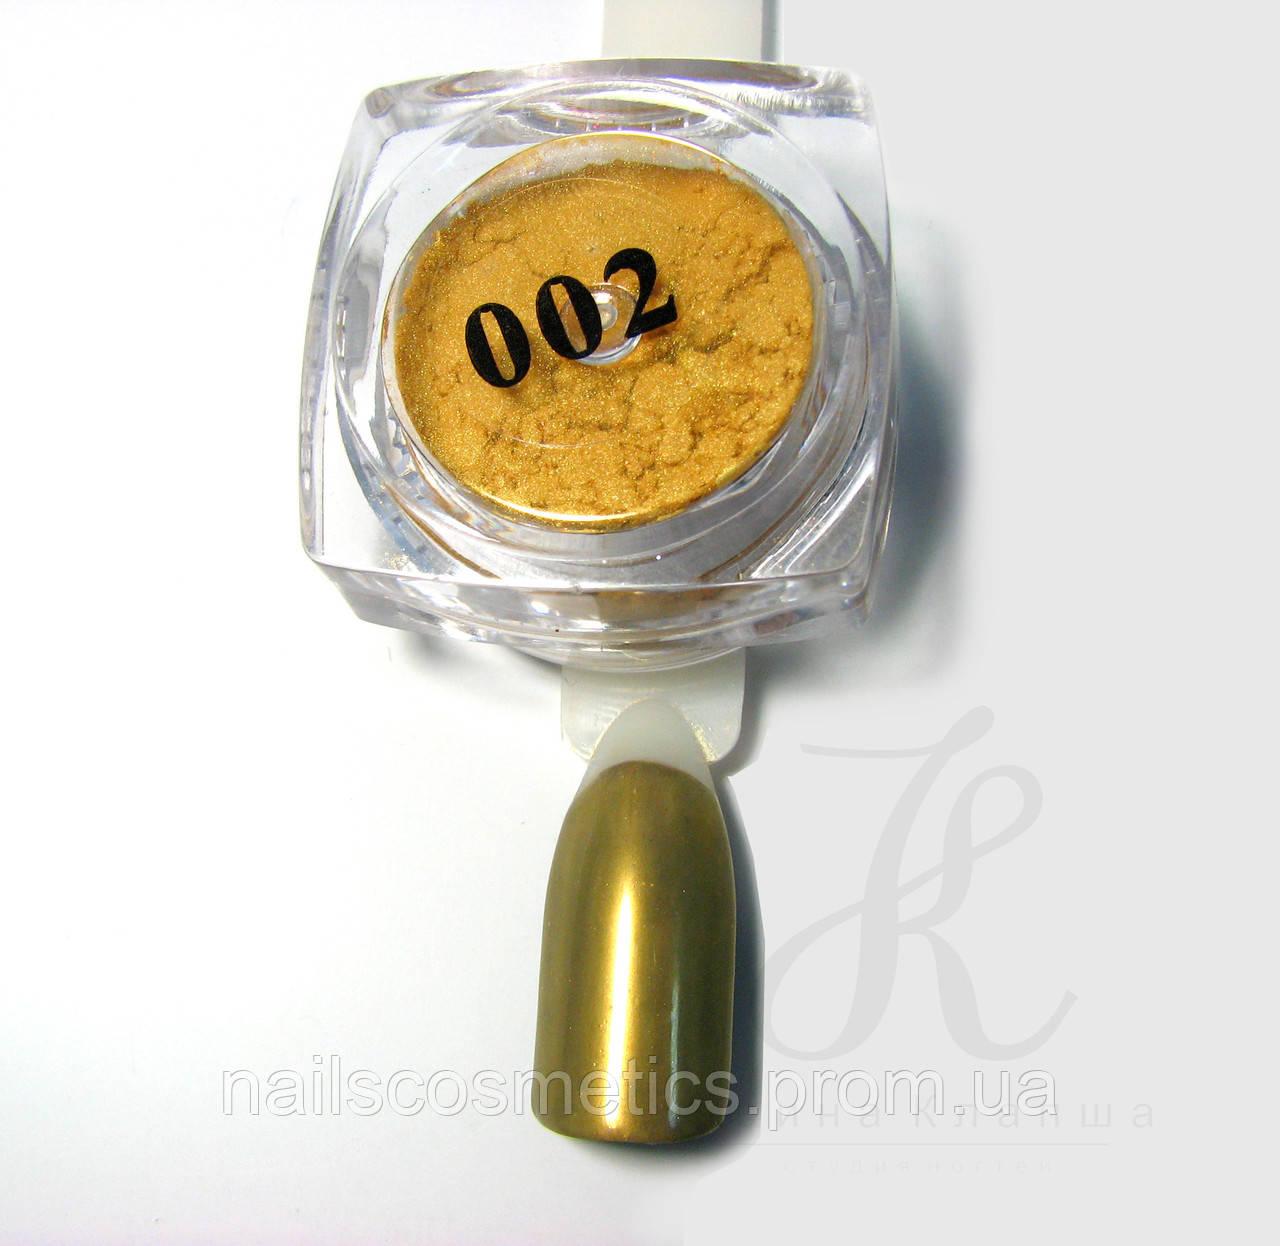 002 Втирка золото галограмма